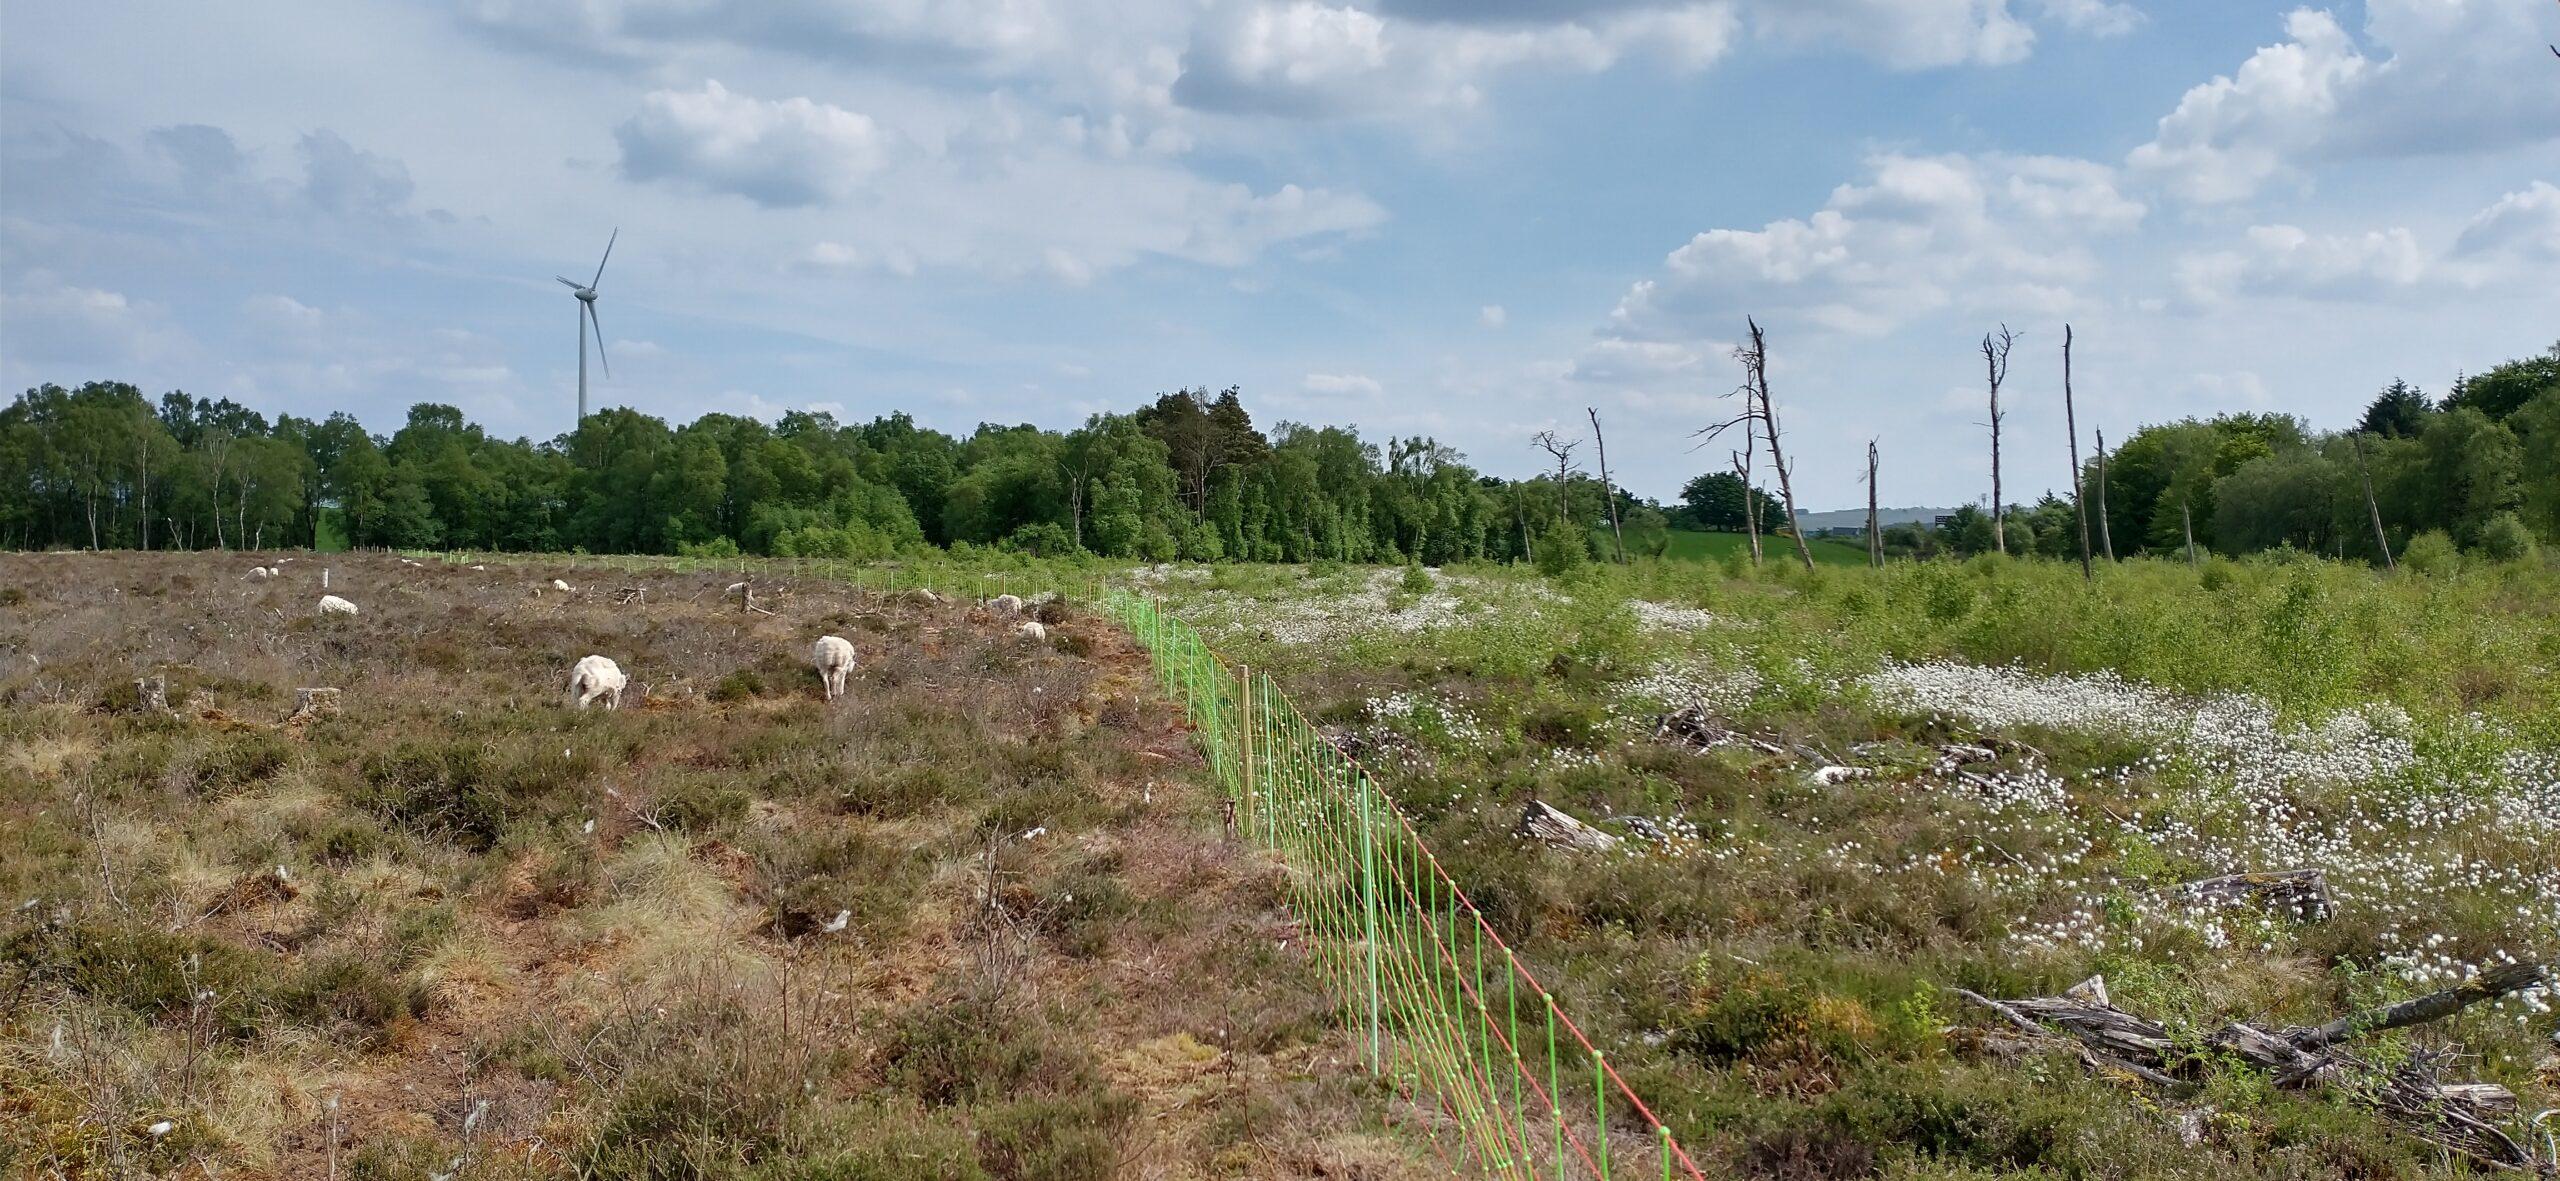 Bog Day 2021: Raising the 'bog standard' at Cander Moss